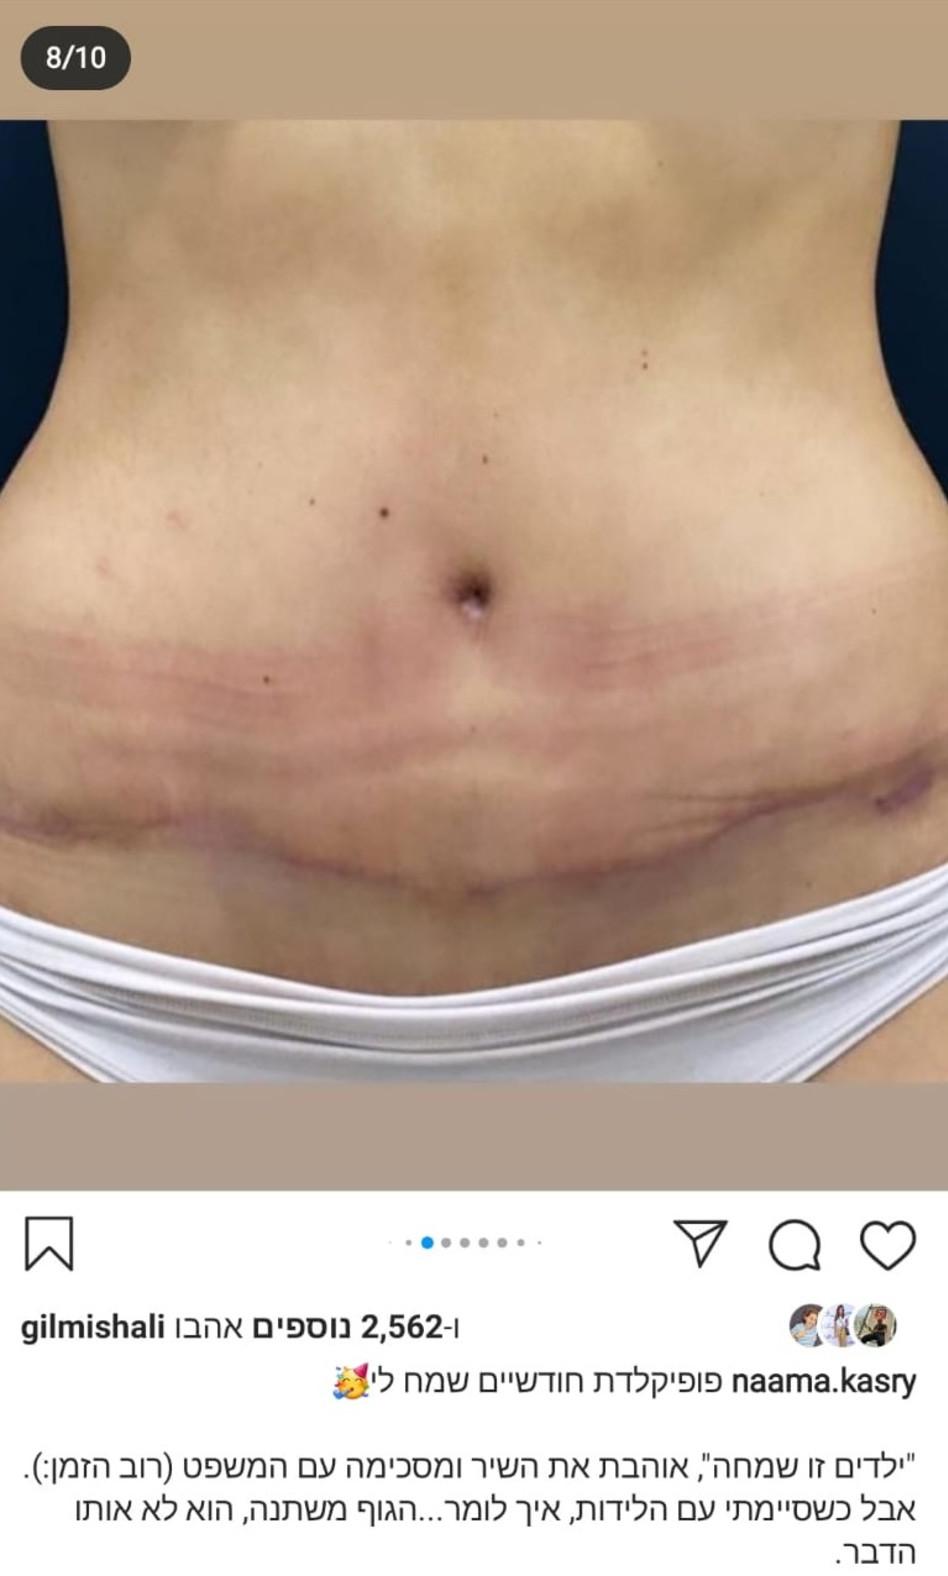 נעמה קסרי אחרי הניתוח (צילום: צילום מסך אינסטגרם)